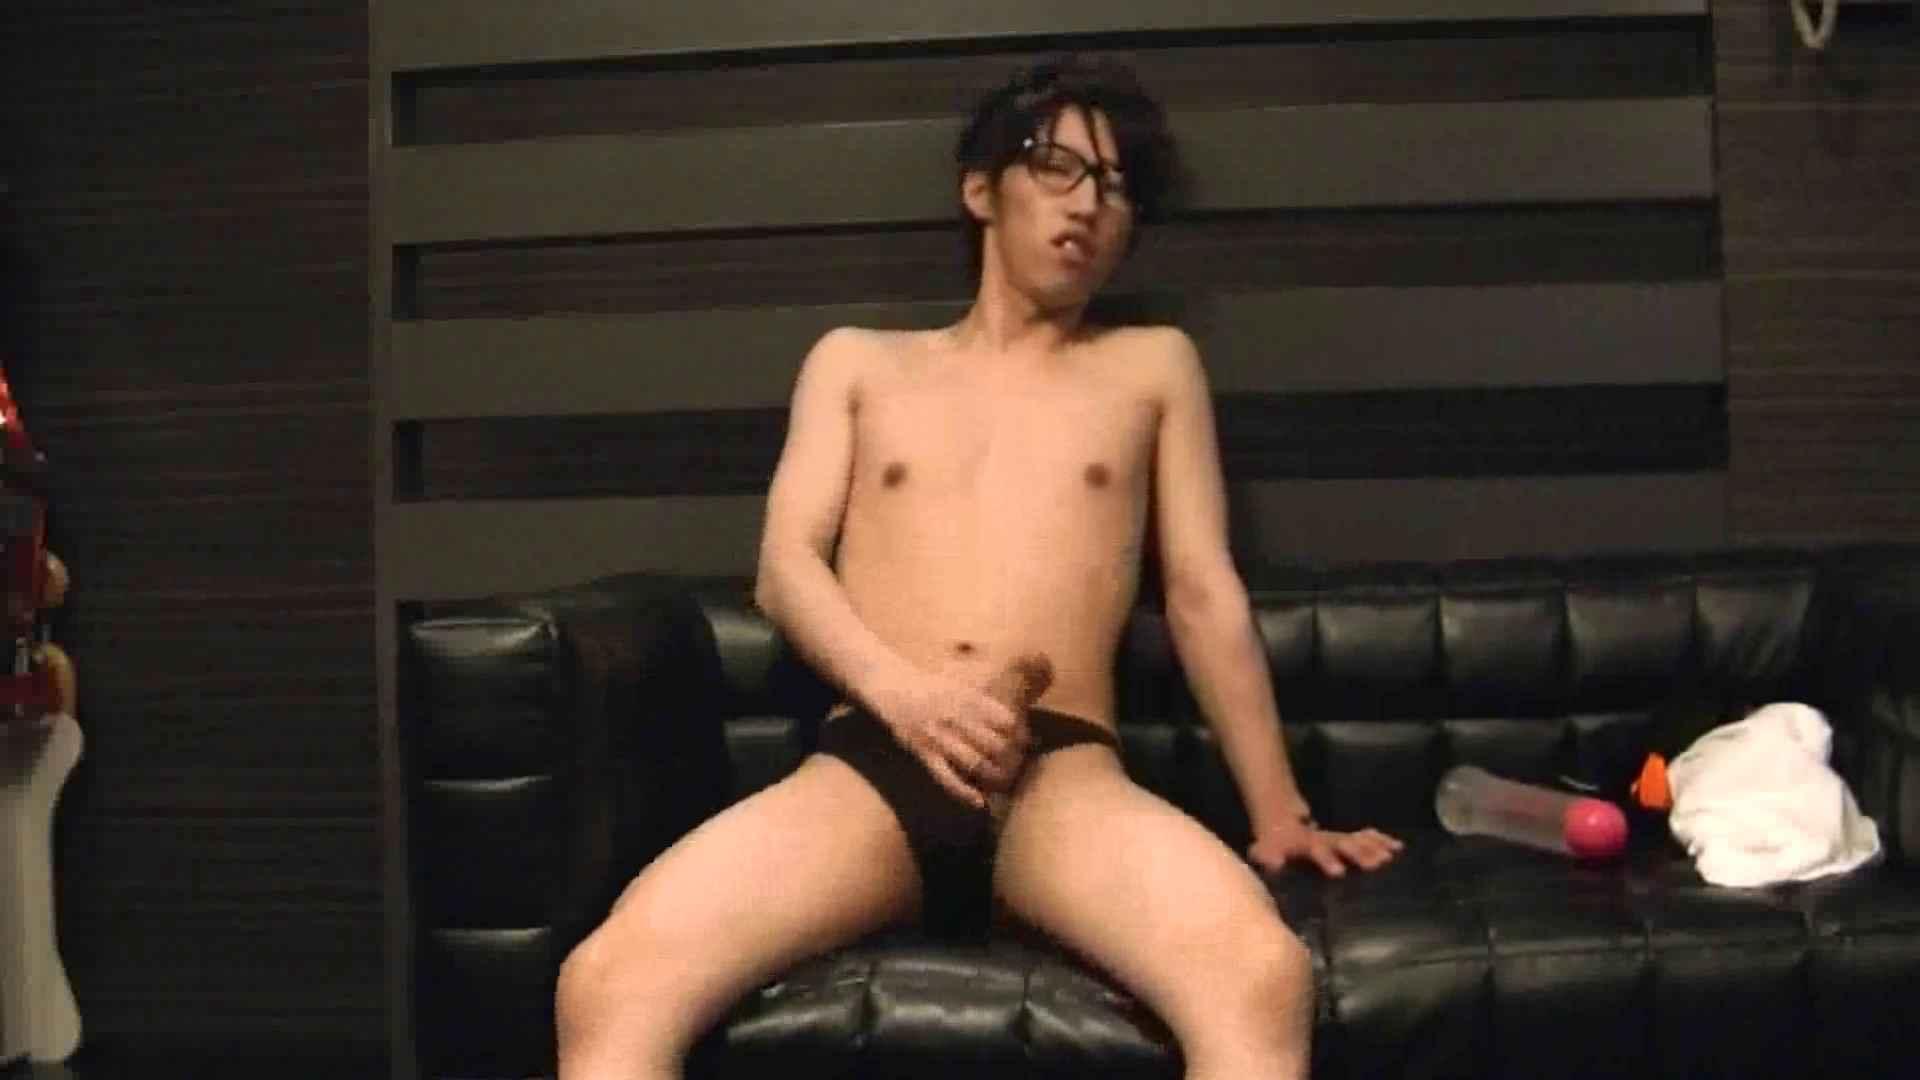 ONA見せカーニバル!! Vol3 ゲイのオナニー映像  103枚 74